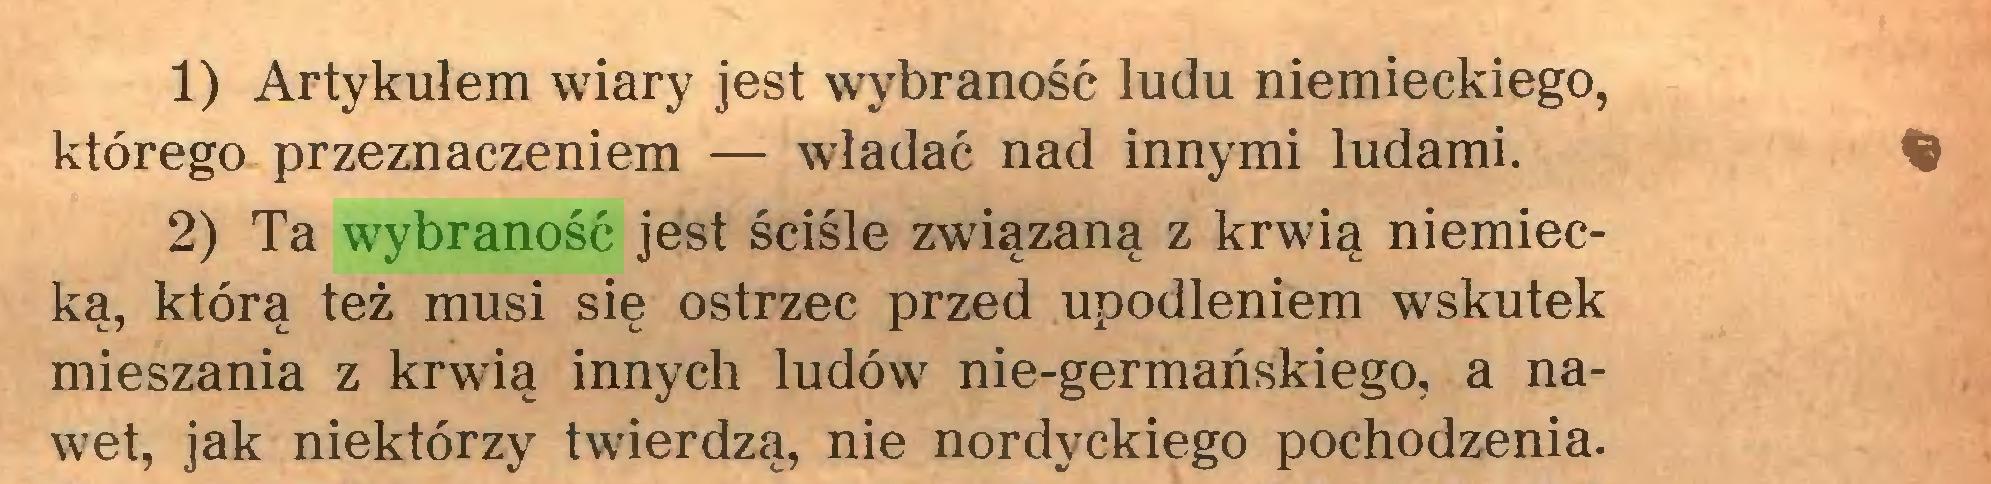 (...) 1) Artykułem wiary jest wybraność ludu niemieckiego, którego przeznaczeniem — władać nad innymi ludami. % 2) Ta wybraność jest ściśle związaną z krwią niemiecką, którą też musi się ostrzec przed upodleniem wskutek mieszania z krwią innych ludów nie-germańskiego, a nawet, jak niektórzy twierdzą, nie nordyckiego pochodzenia...